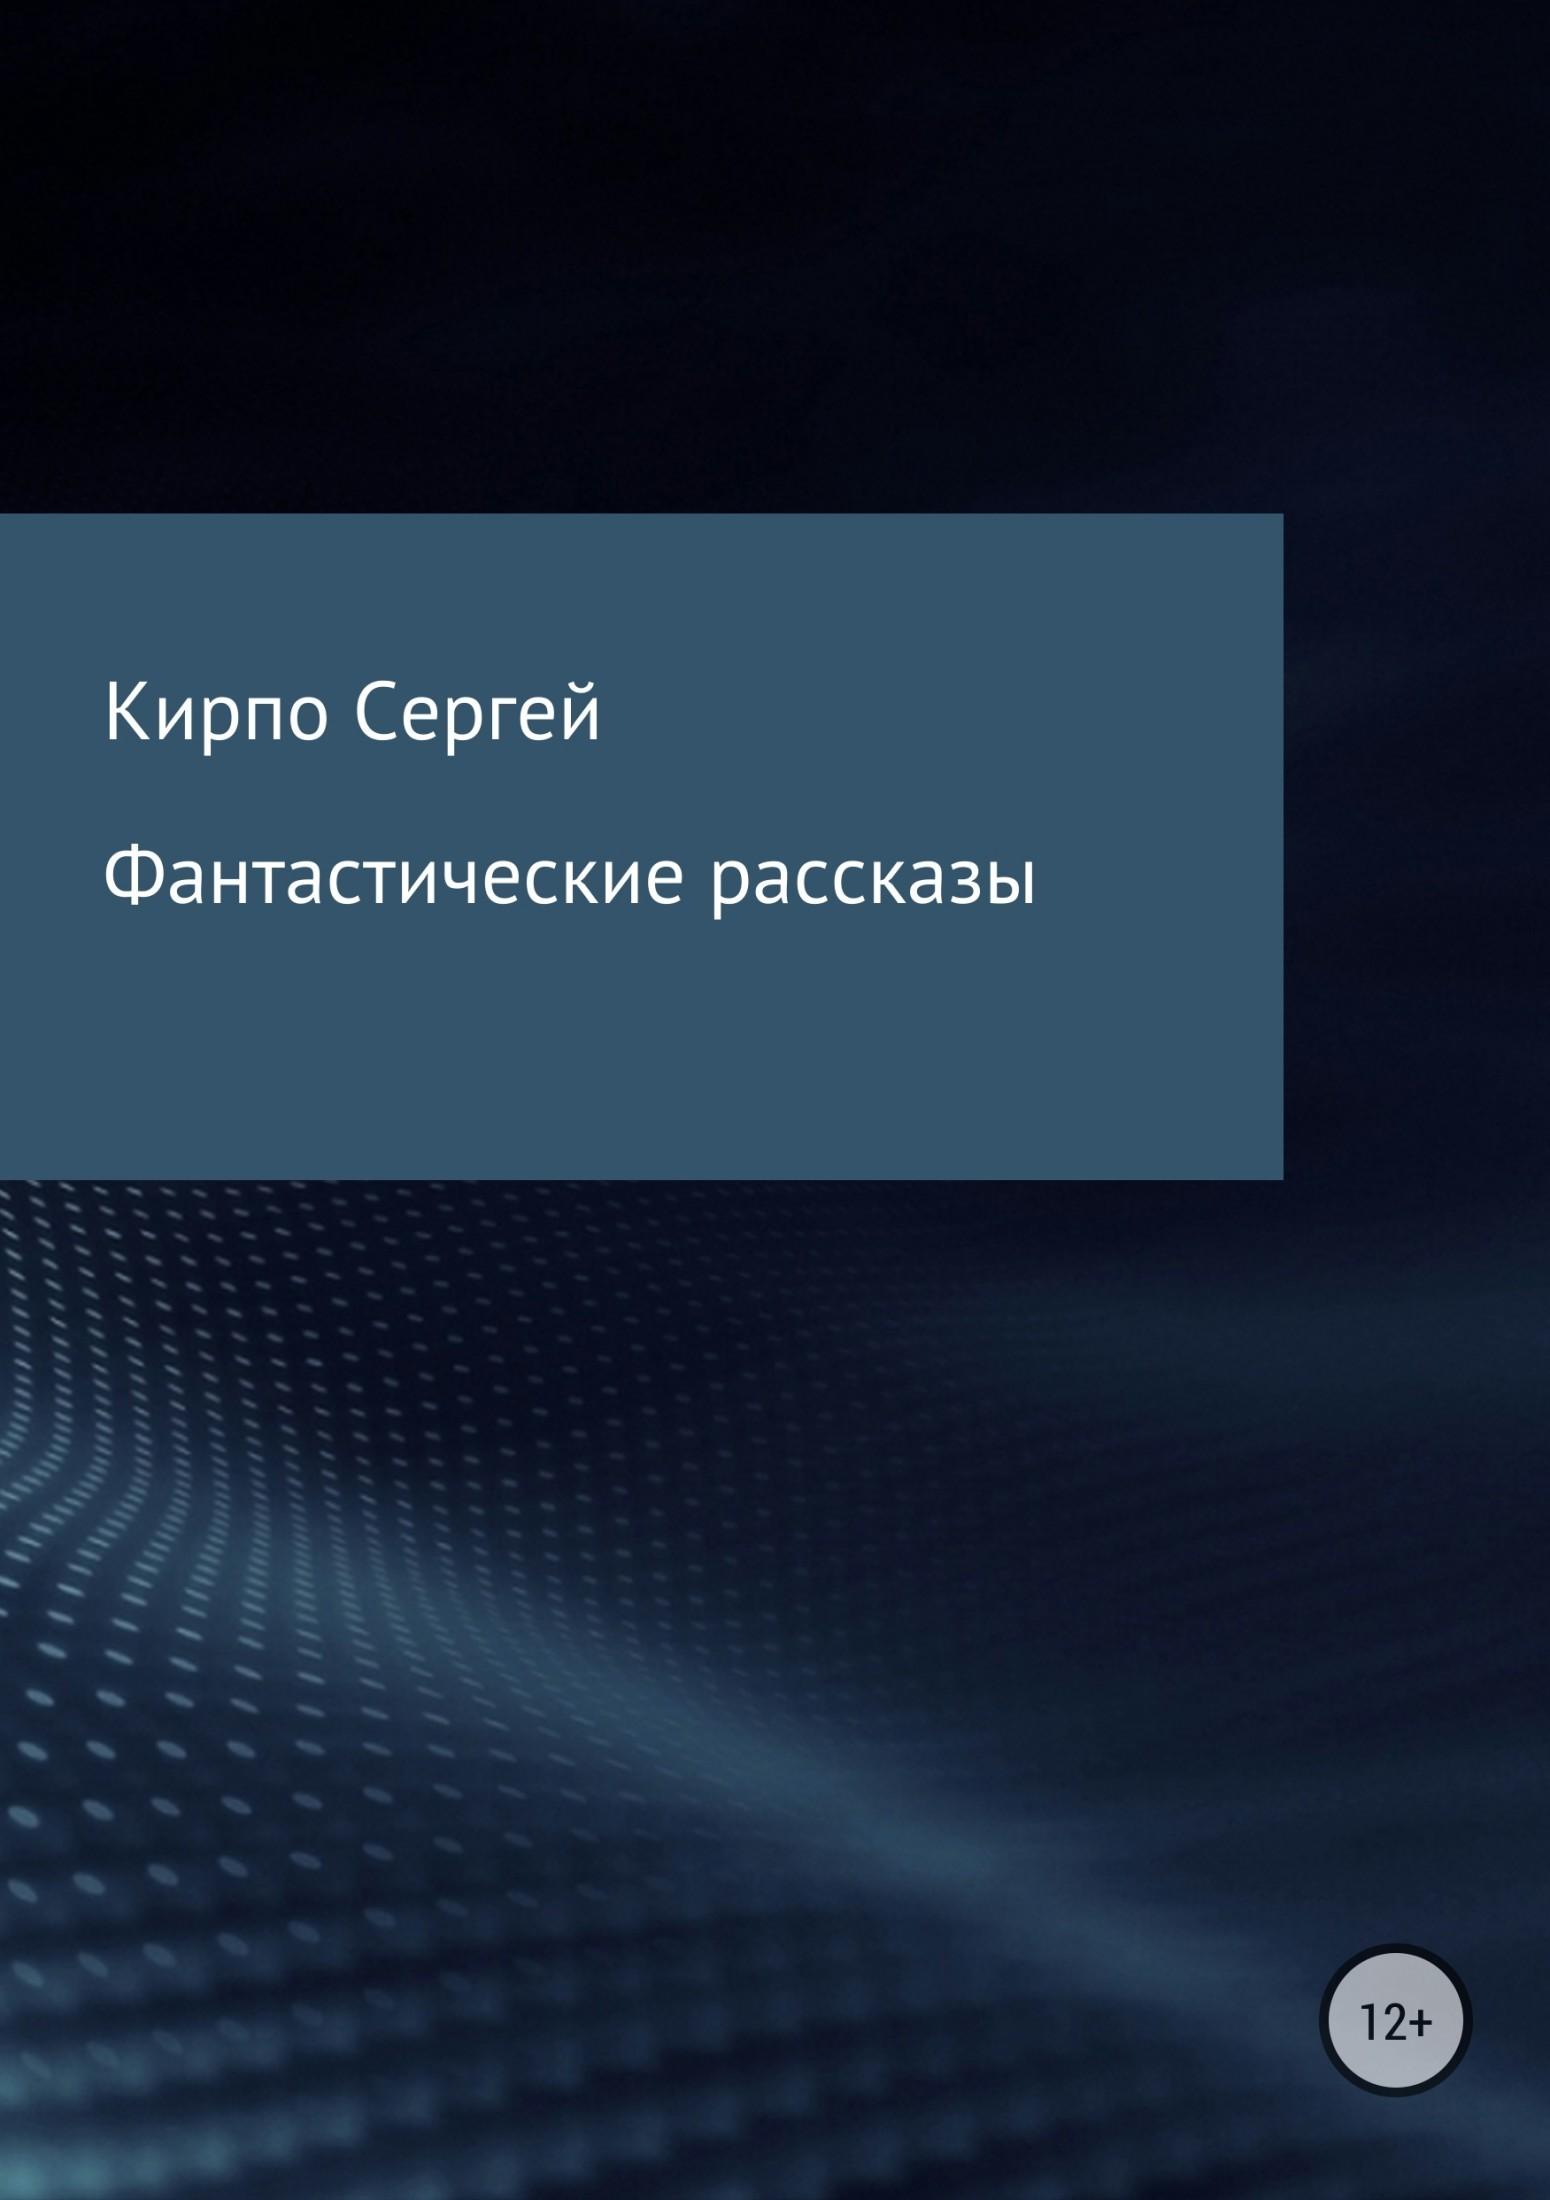 Сергей Валерьевич Кирпо Фантастические рассказы сергей валерьевич кирпо на меньшее не согласен